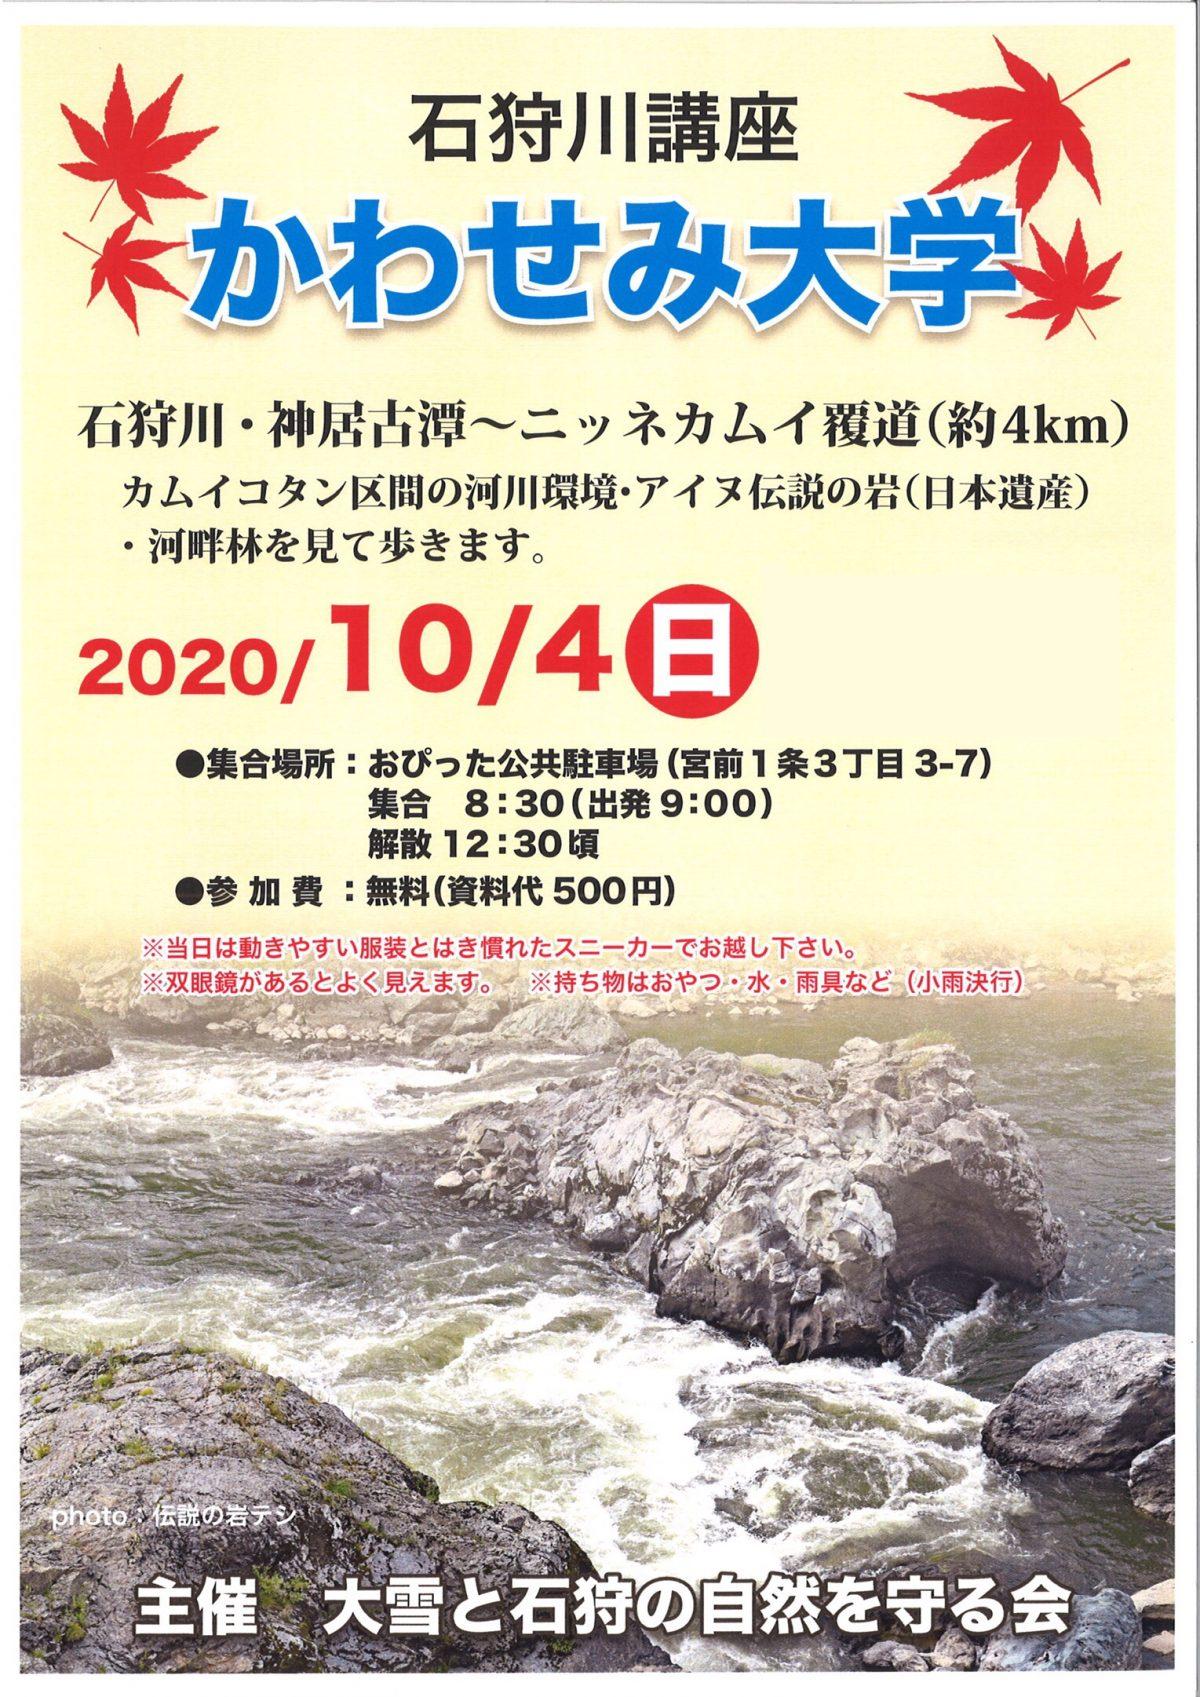 2020年10月4日 石狩川講座 かわせみ大学